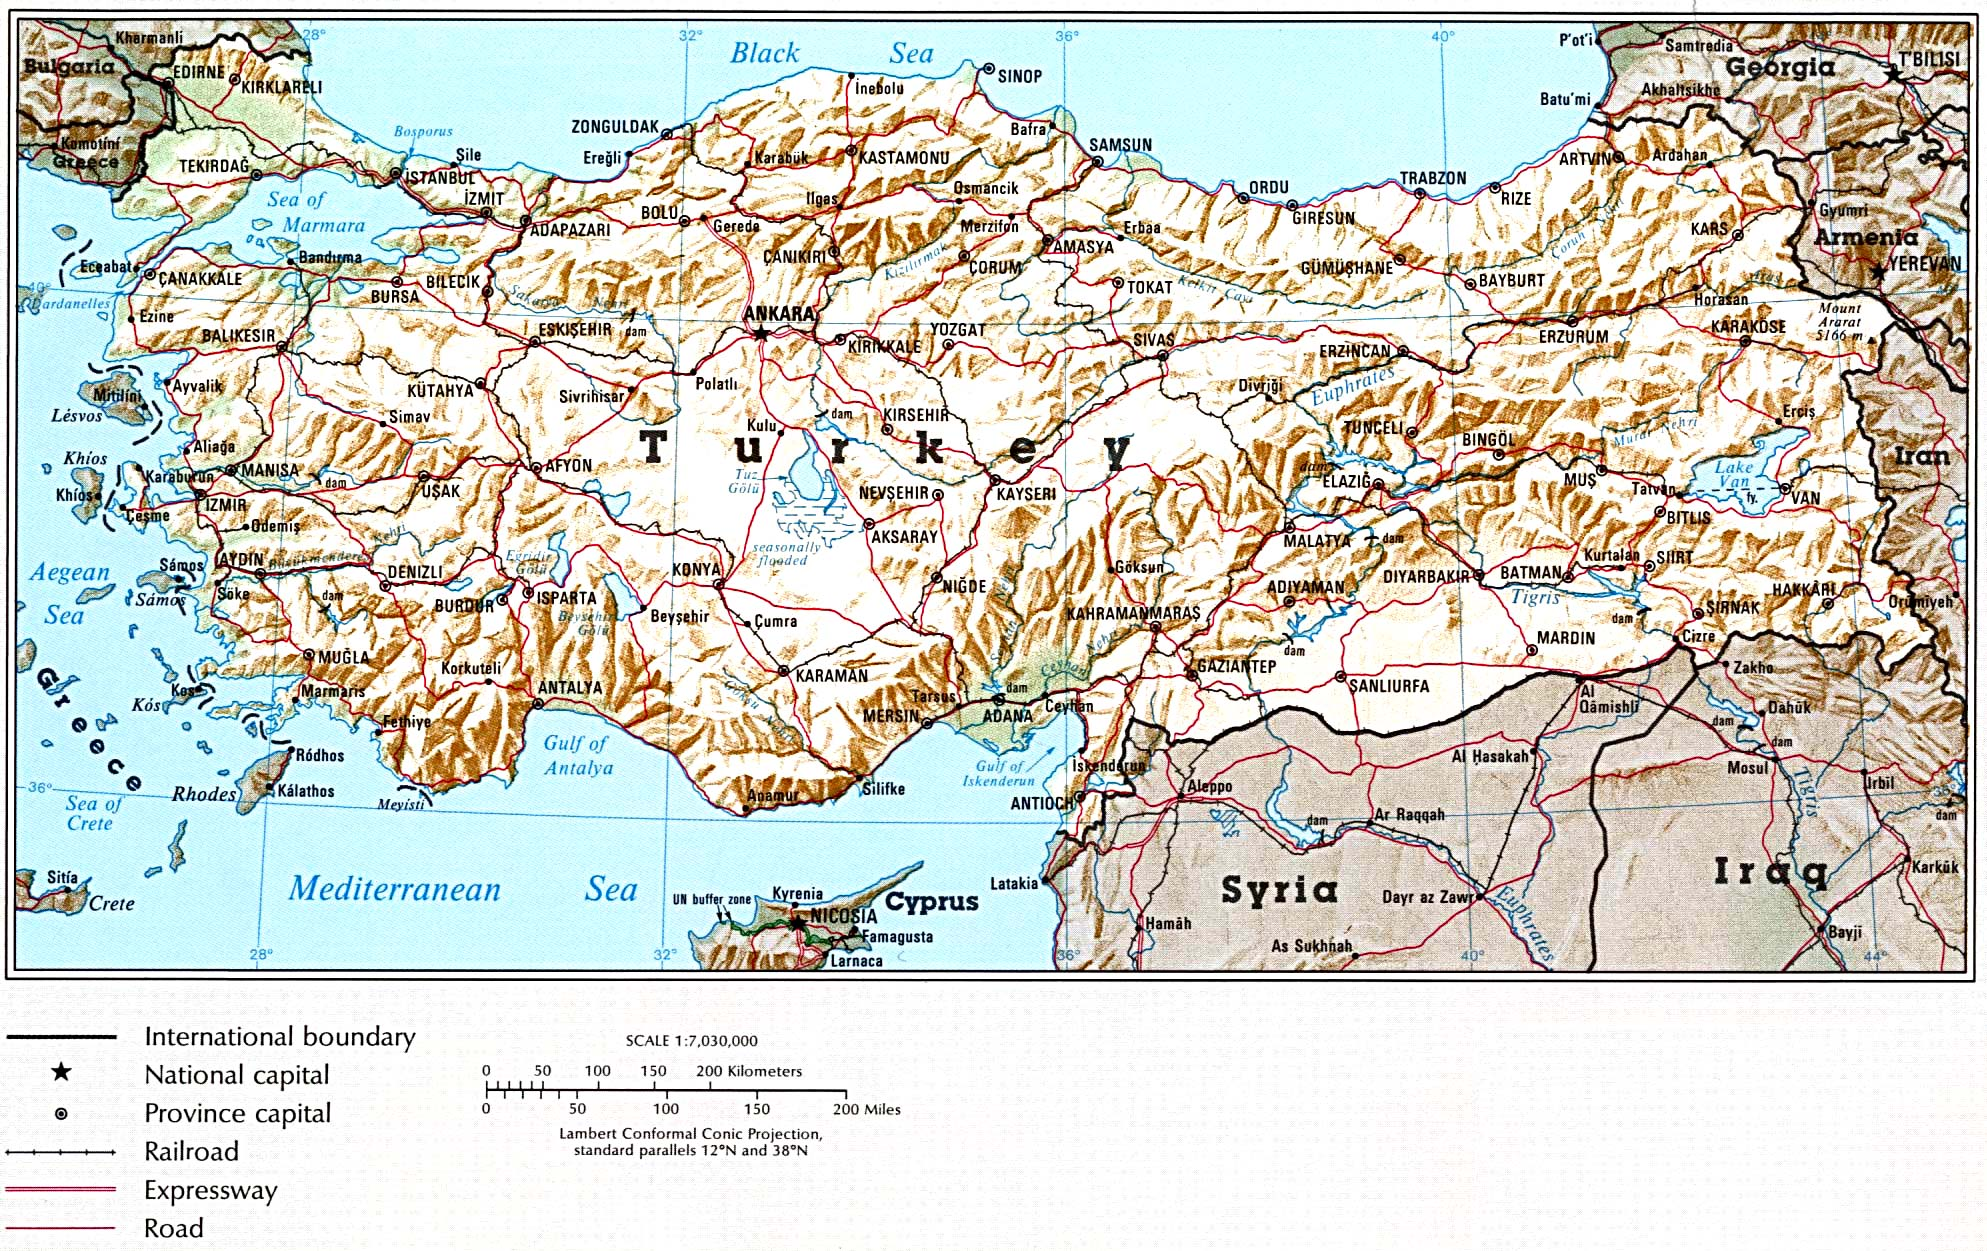 """Landkarte Türkei   Landkarten download  > Türkeikarte / Türkei """" title=""""Landkarte Türkei   Landkarten download  > Türkeikarte / Türkei """" width=""""200″ height=""""200″> <img src="""